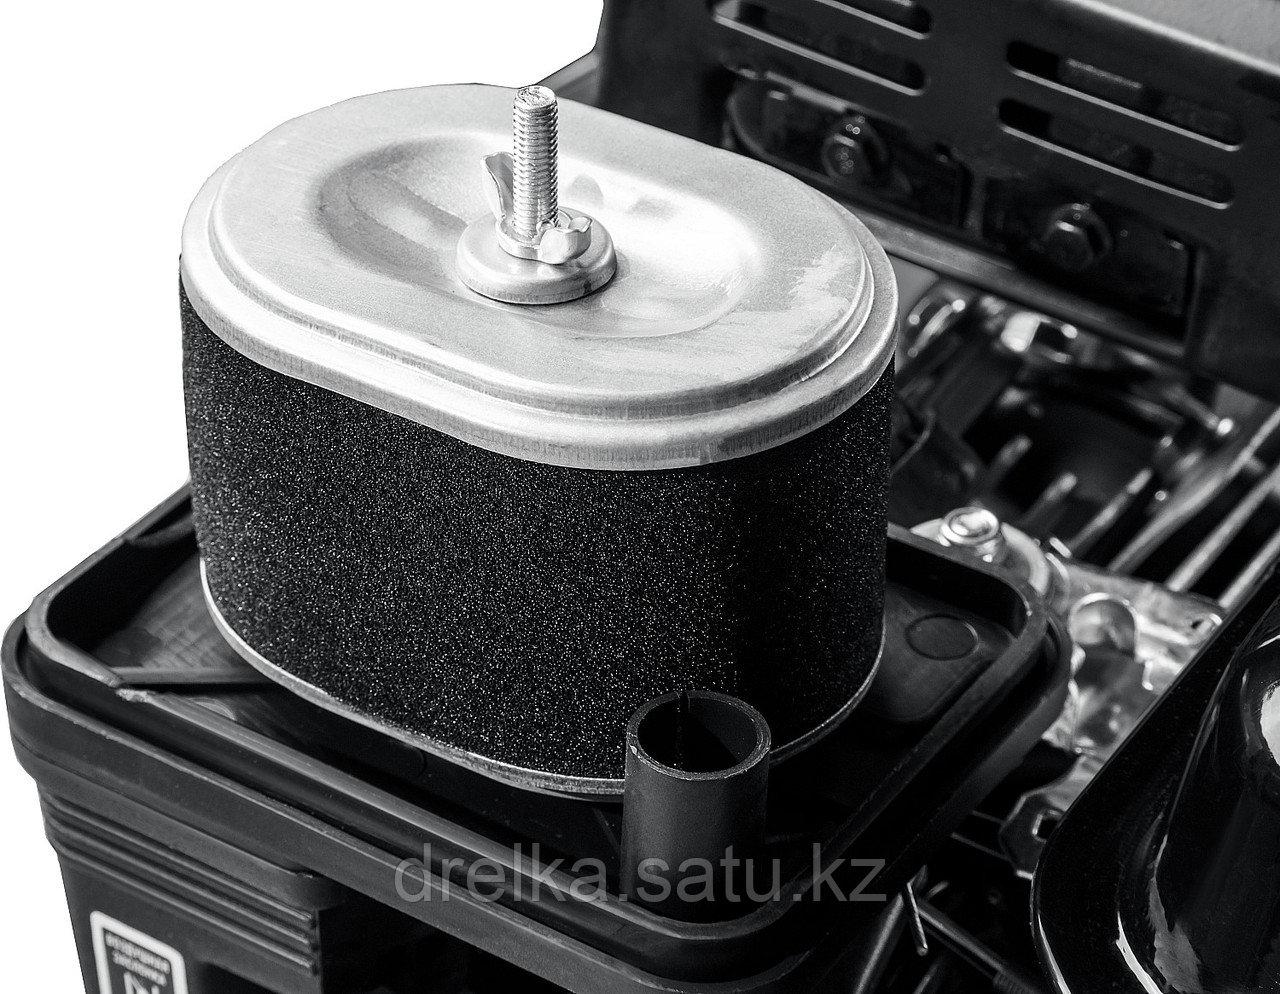 Мотоблок бензиновый с ВОМ МТШ-600 - фото 6